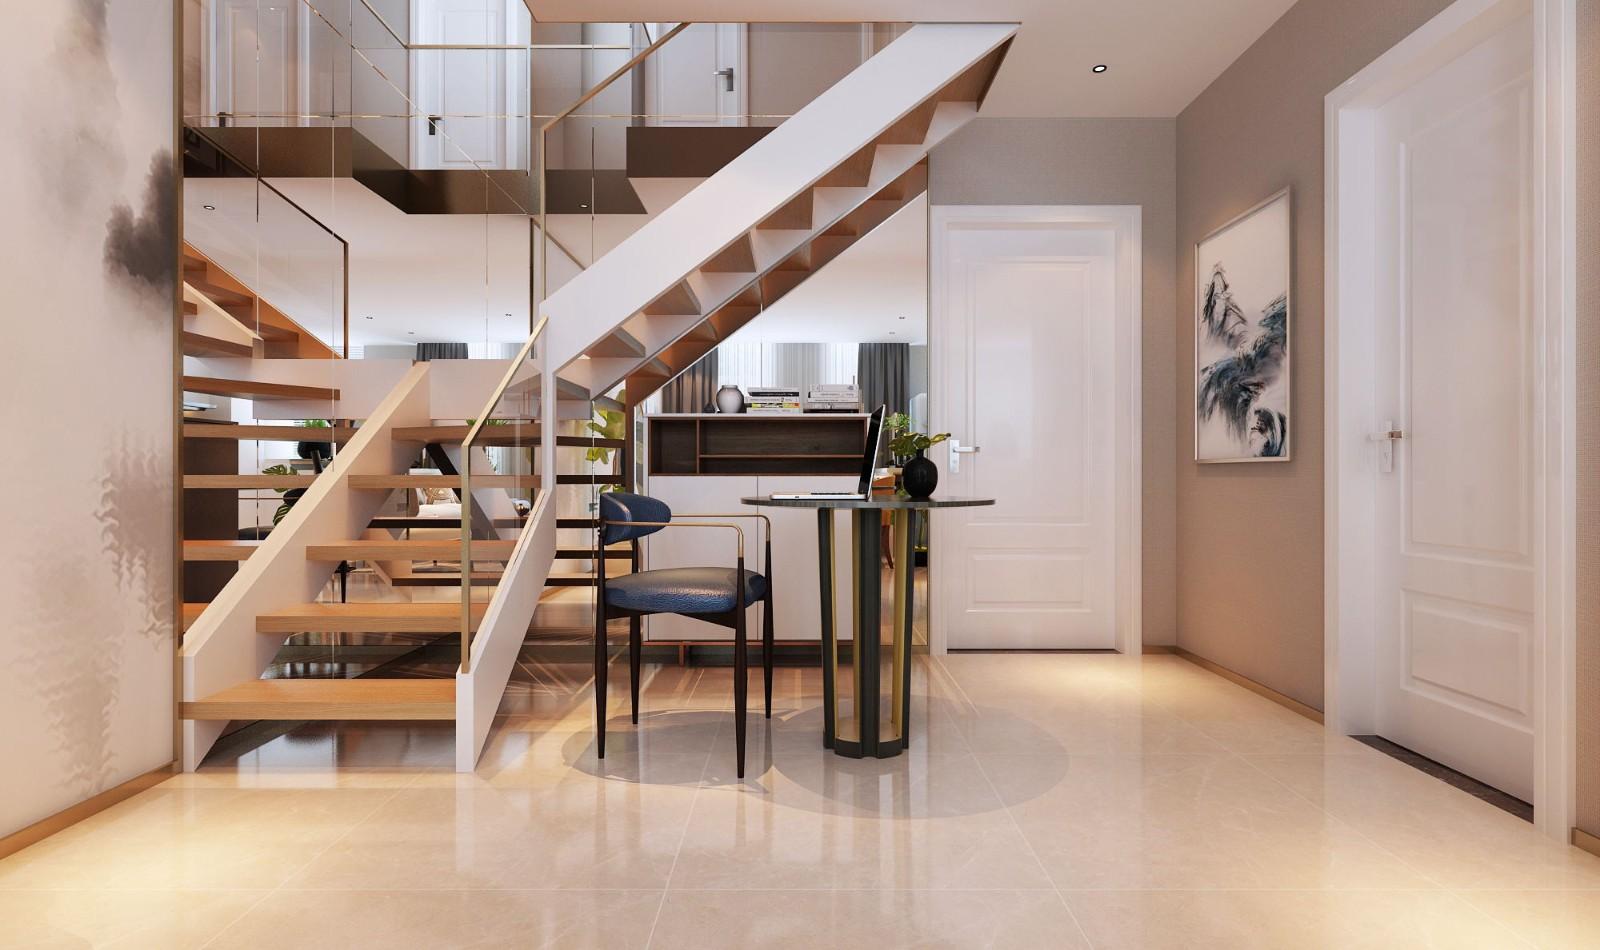 2021现代玄关图片 2021现代楼梯装修效果图片